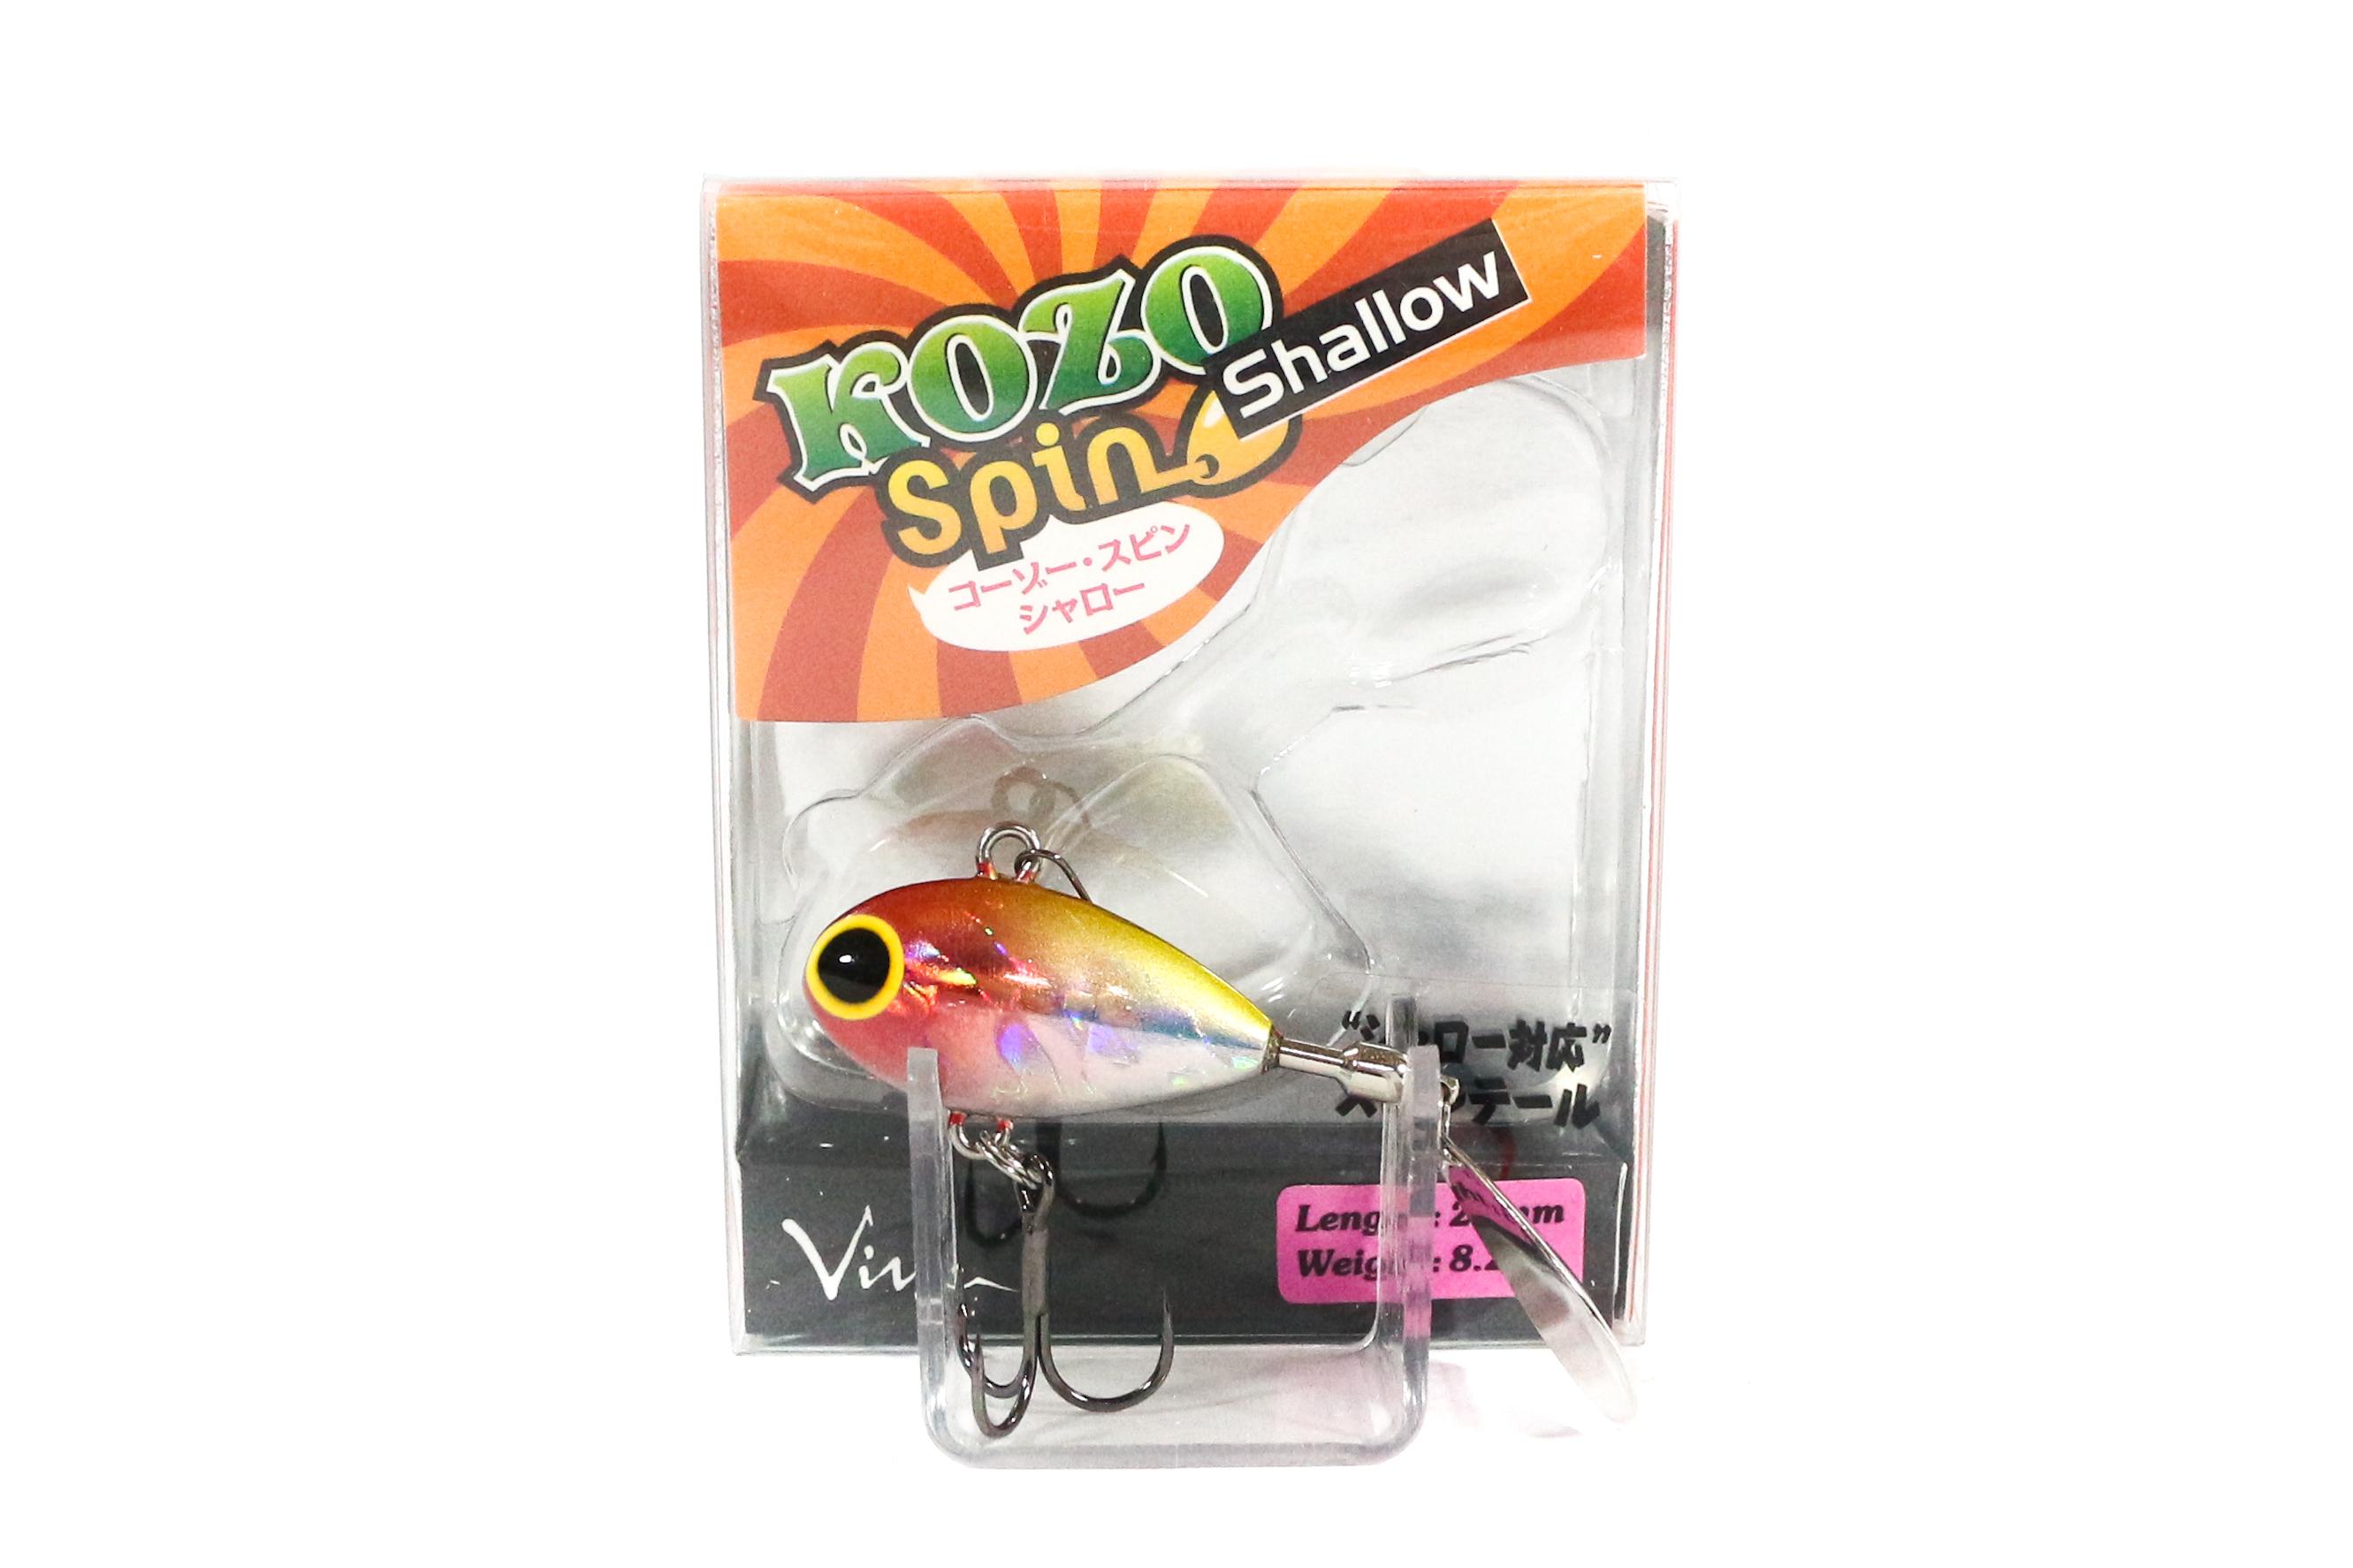 Viva Kozo Spin Shallow 8.2 grams Spinner Bait Lure 169 (3034)